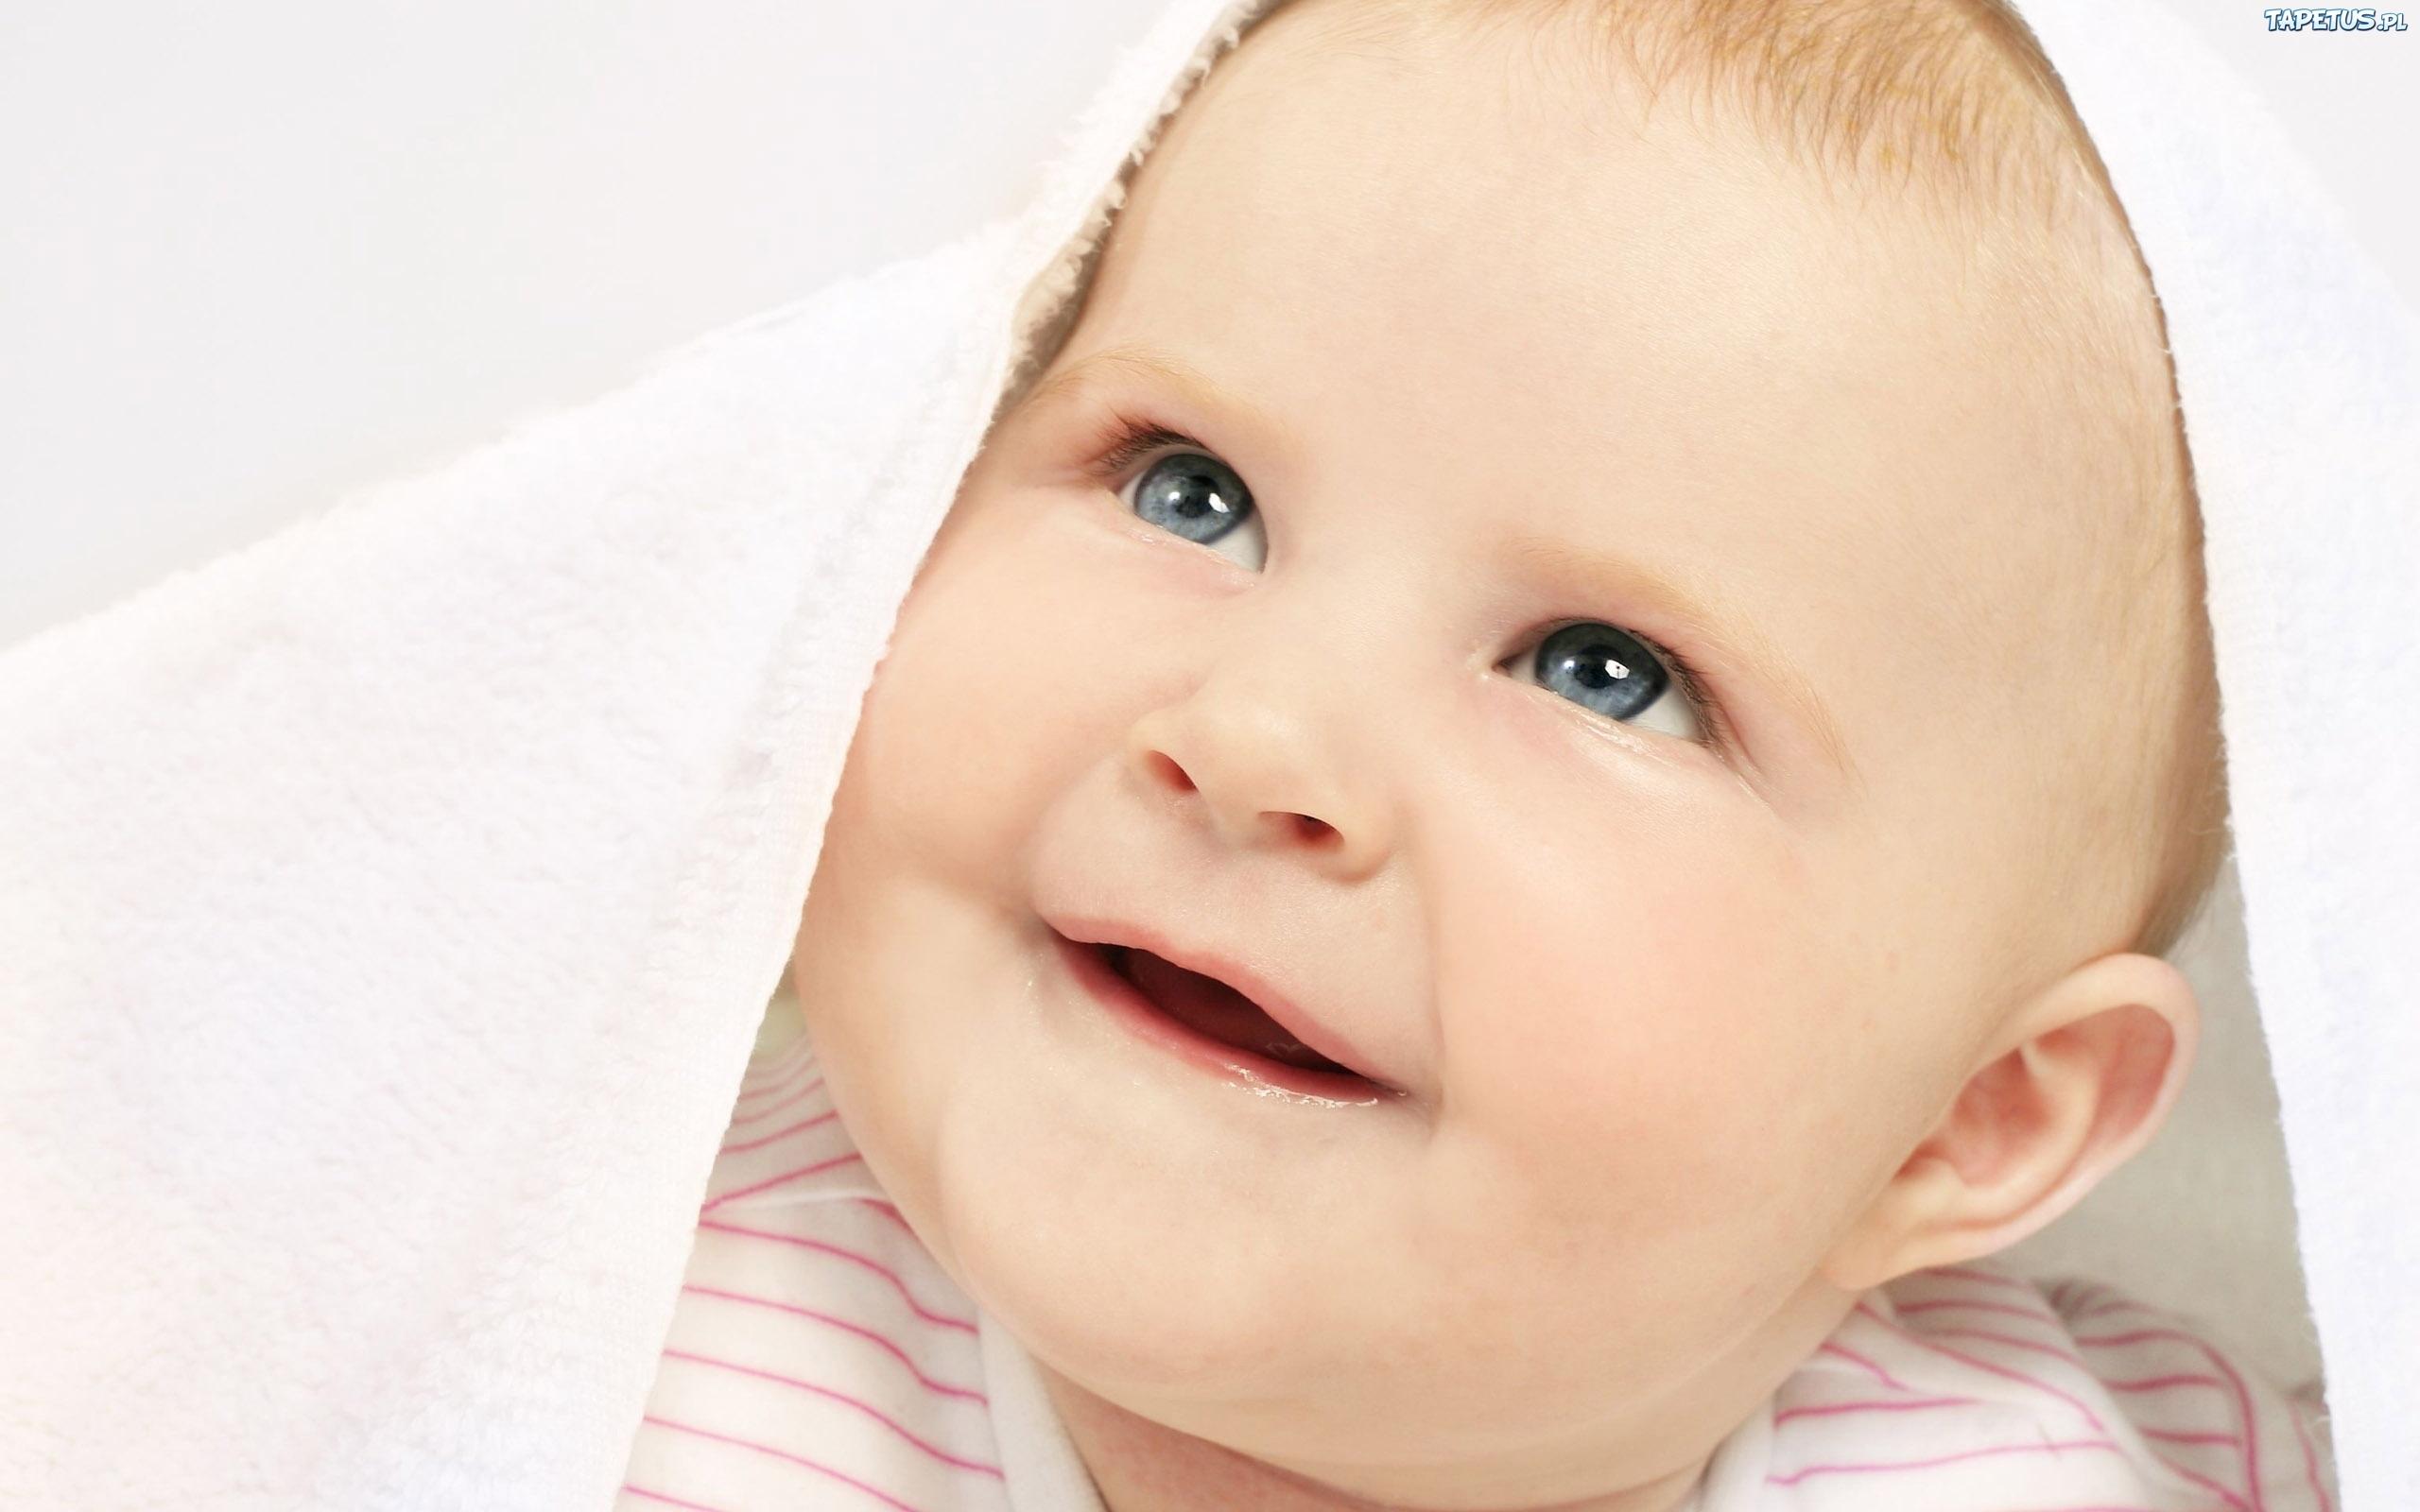 голубоглазый забавный ребенок без смс